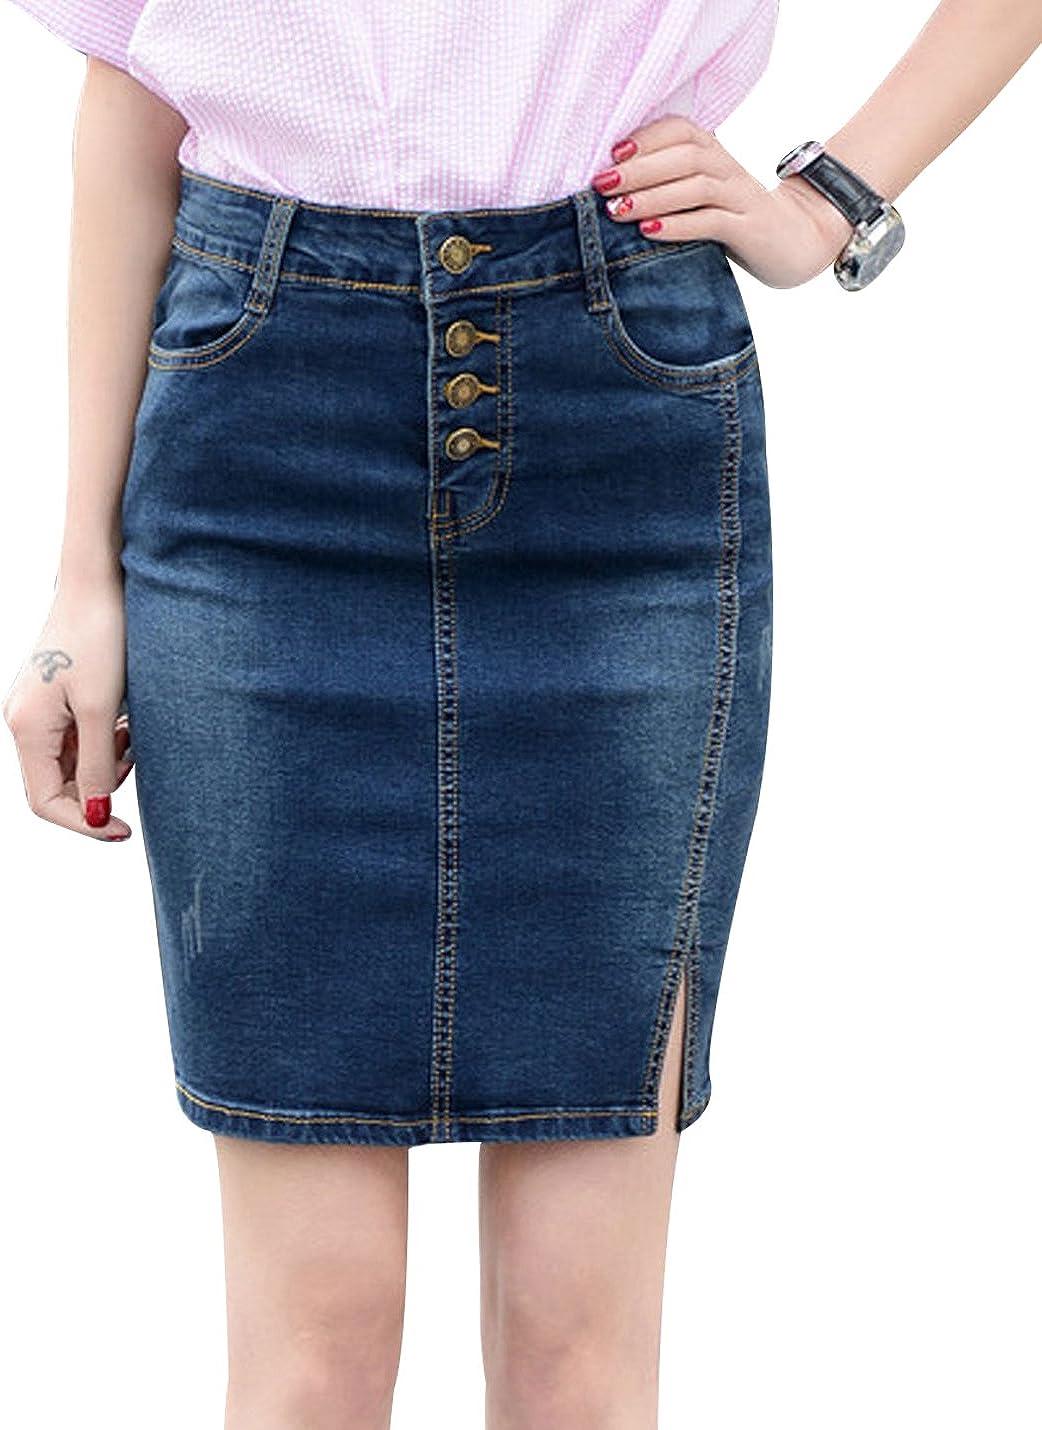 Yeokou Women's Side Split Stretch Denim Jean Bodycon Mini Short Pencil Skirt XXL